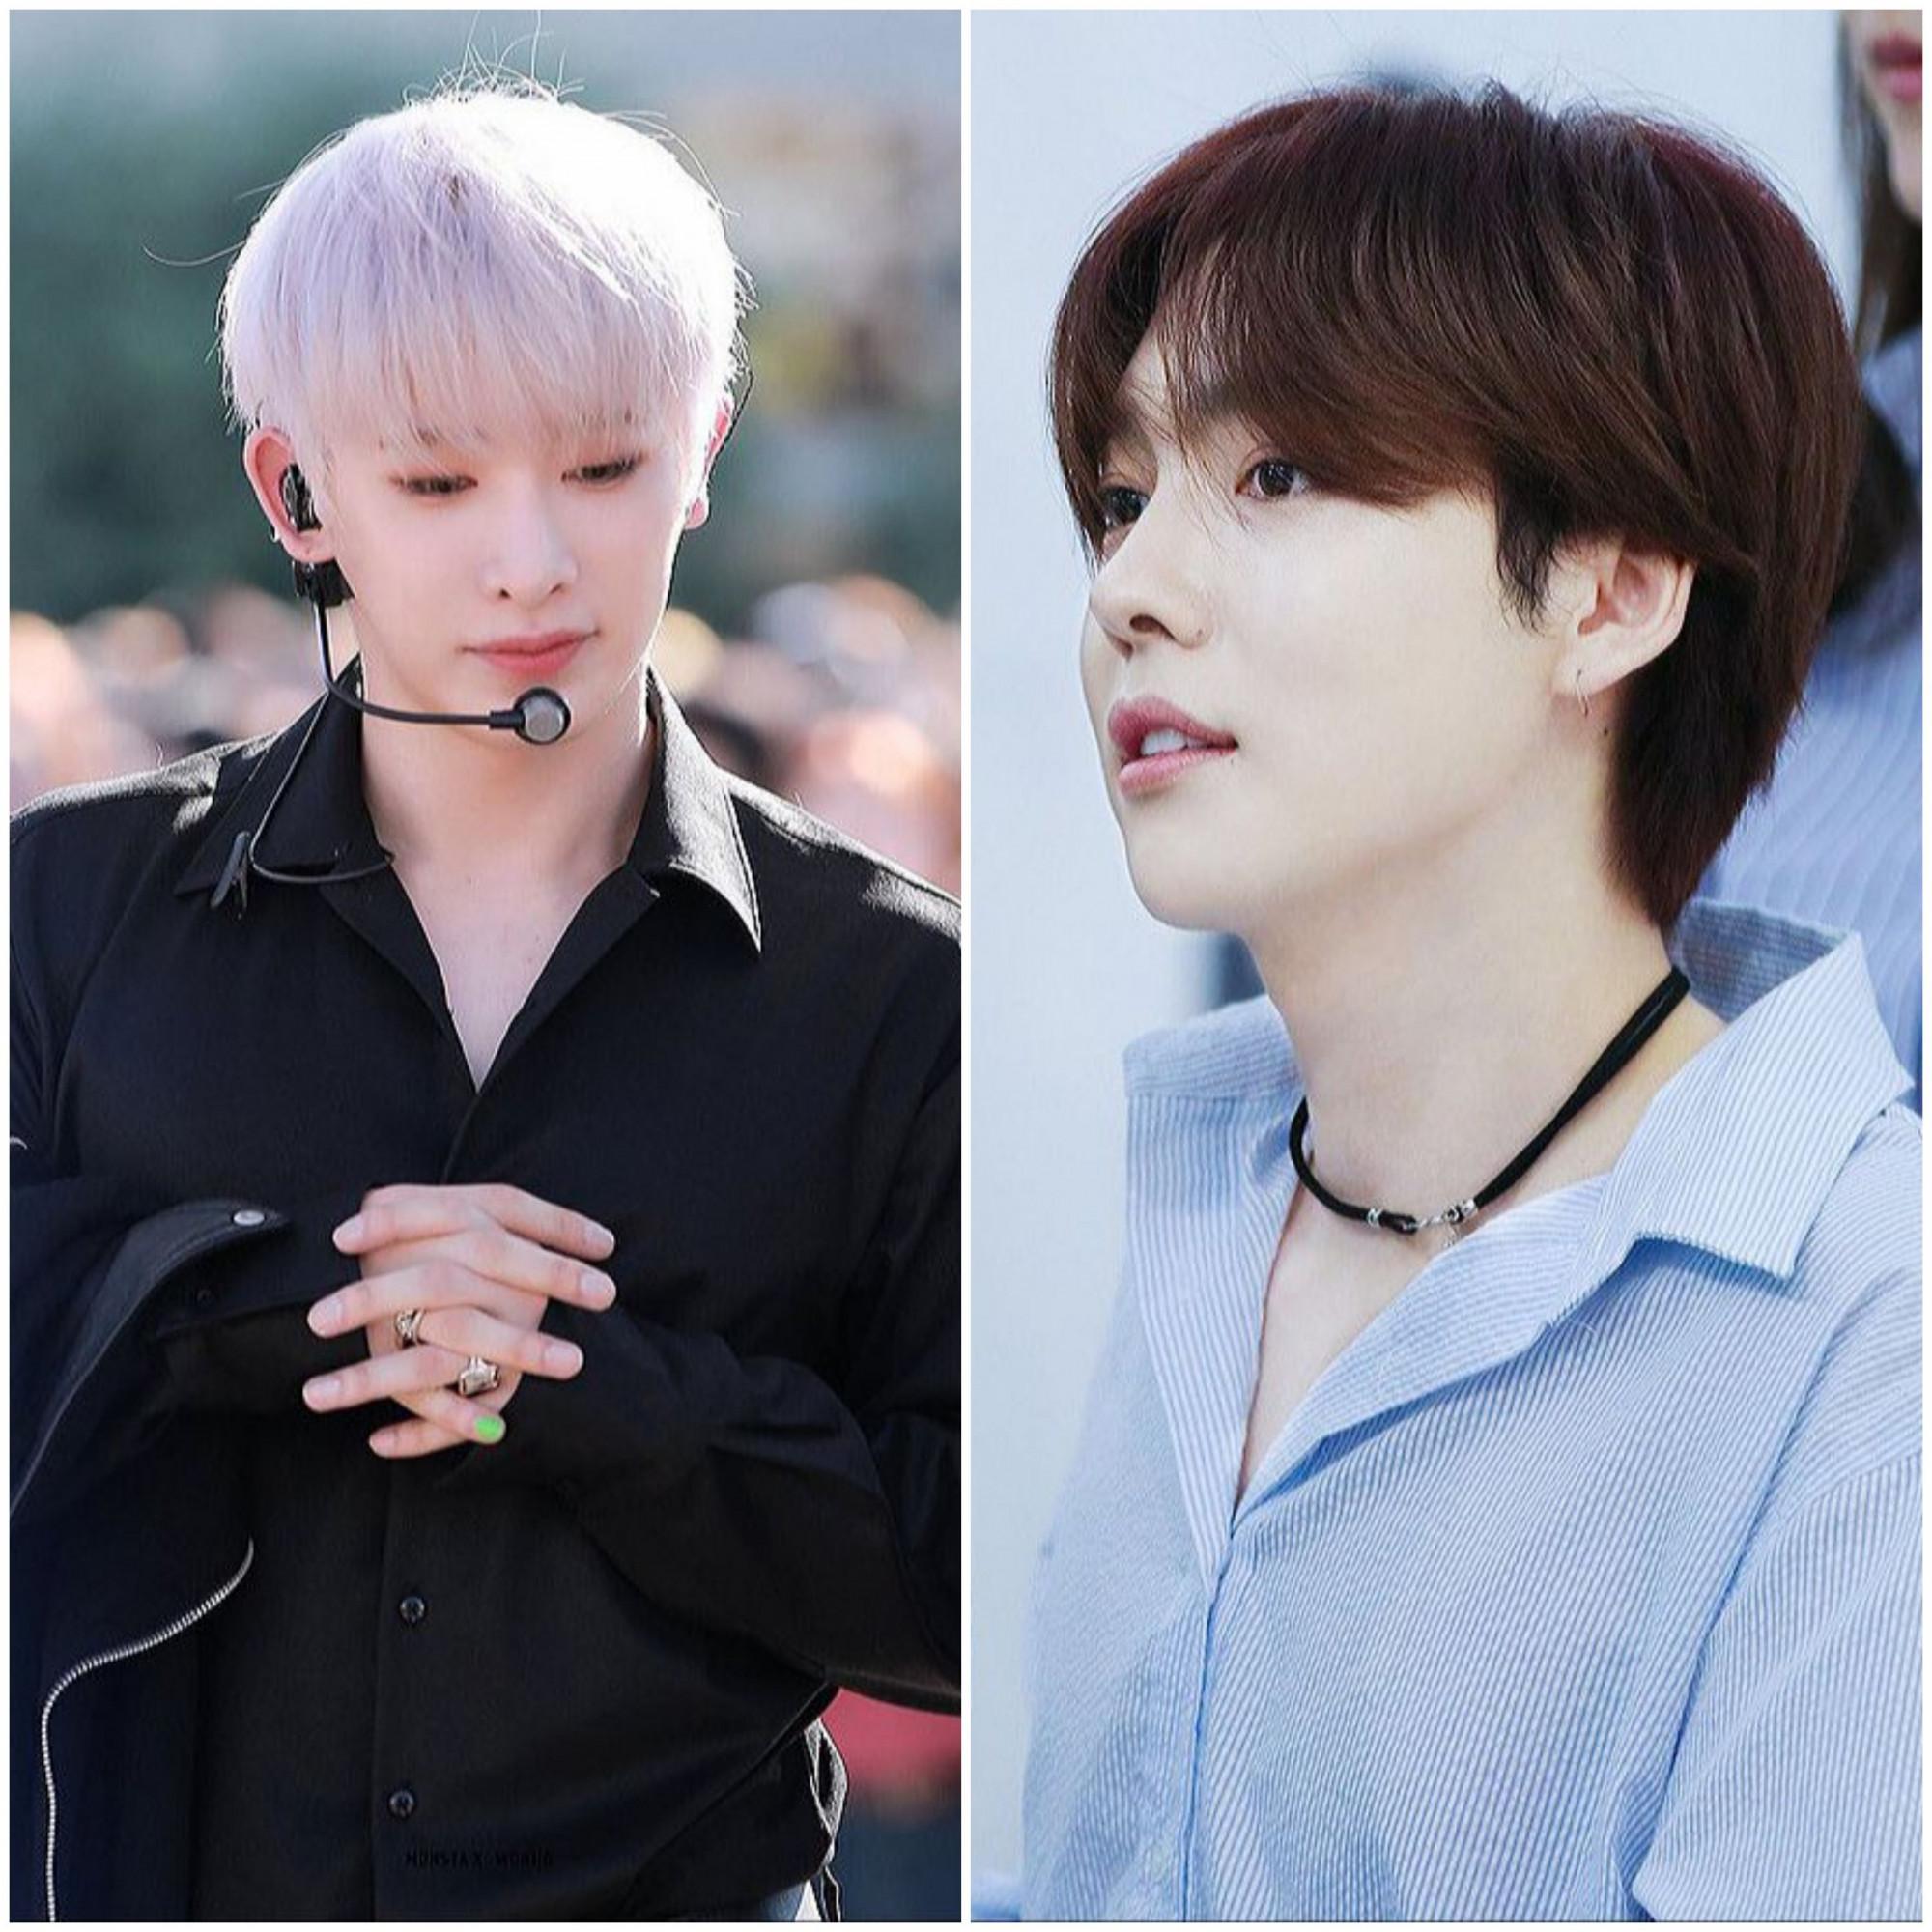 Đảm nhiệm vị trí visual (thành viên có nhan sắc nổi bật) của nhóm Winner, Jinwoo chưa bao giờ khiến người hâm mộ thất vọng với vẻ ngoài siêu dễ thương, gần gũi của mình.